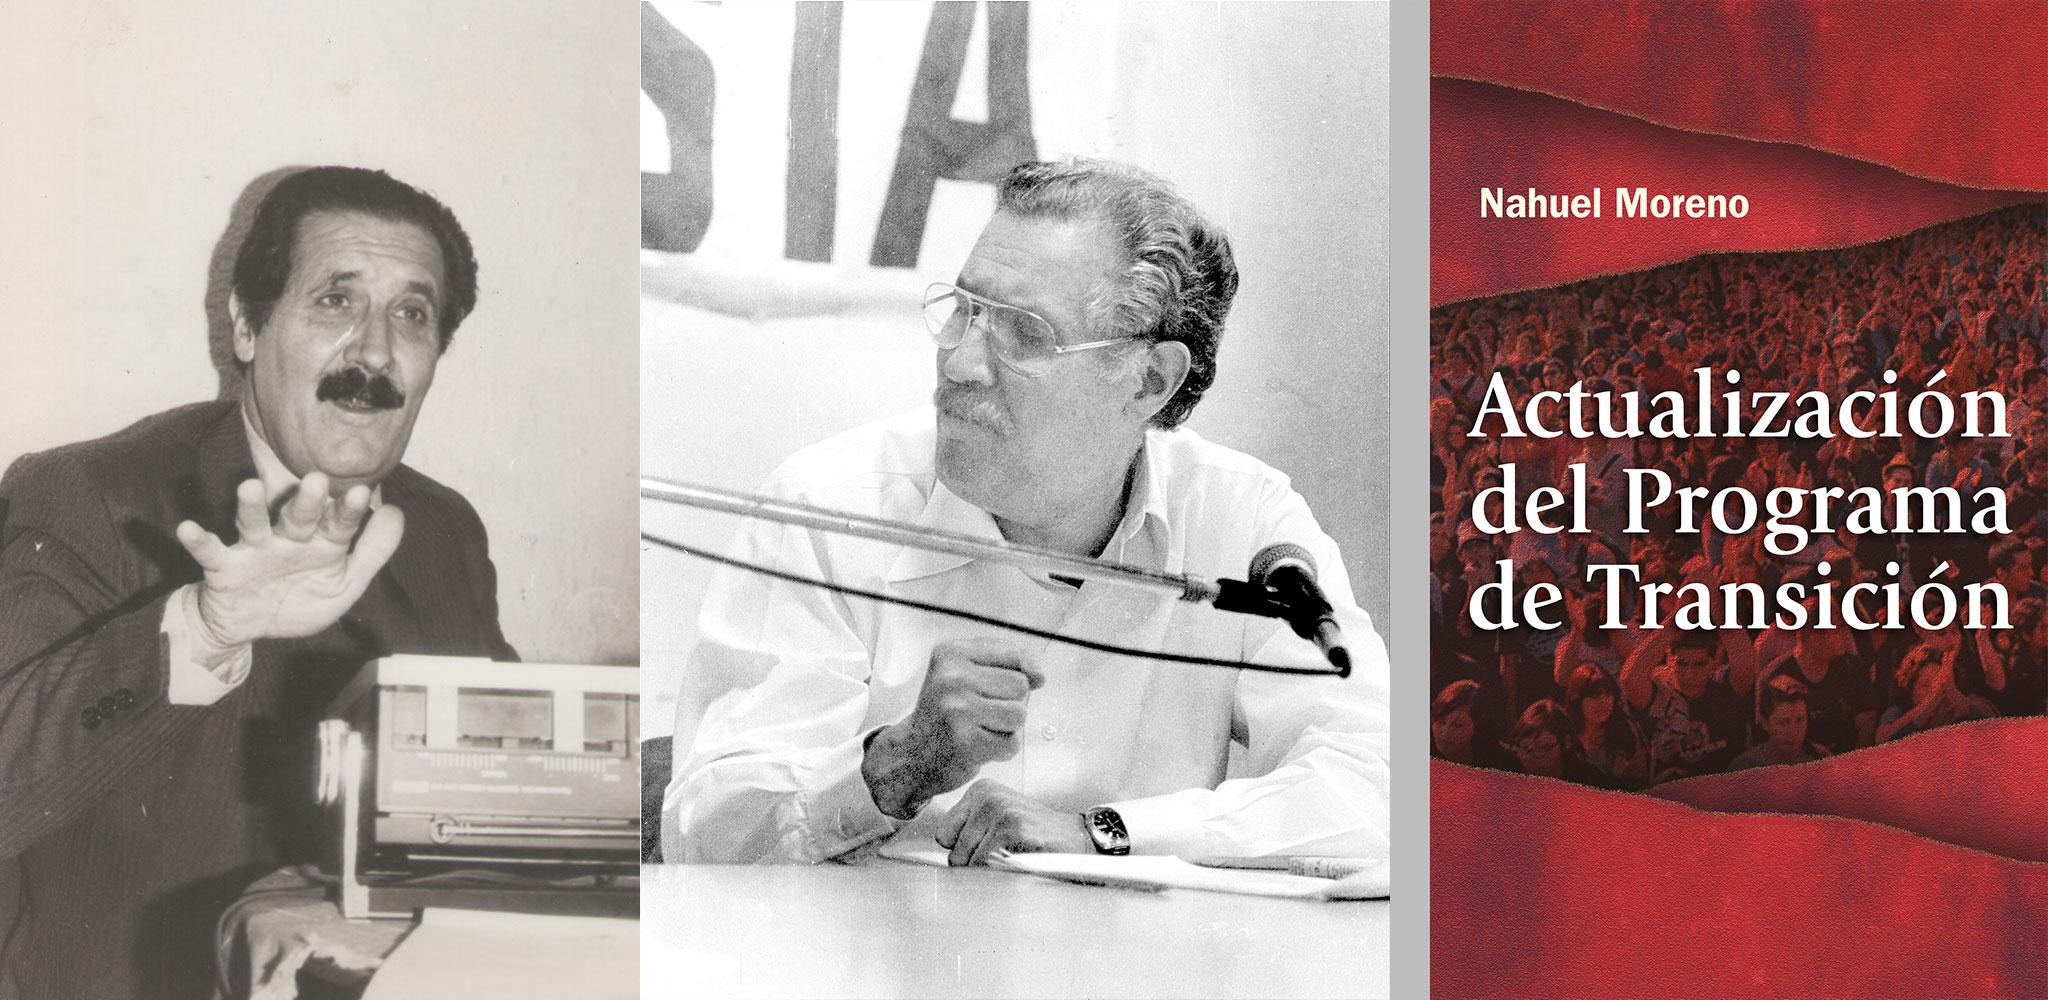 ACTUALIZACIÓN DEL PROGRAMA DE TRANSICIÓN (1980)